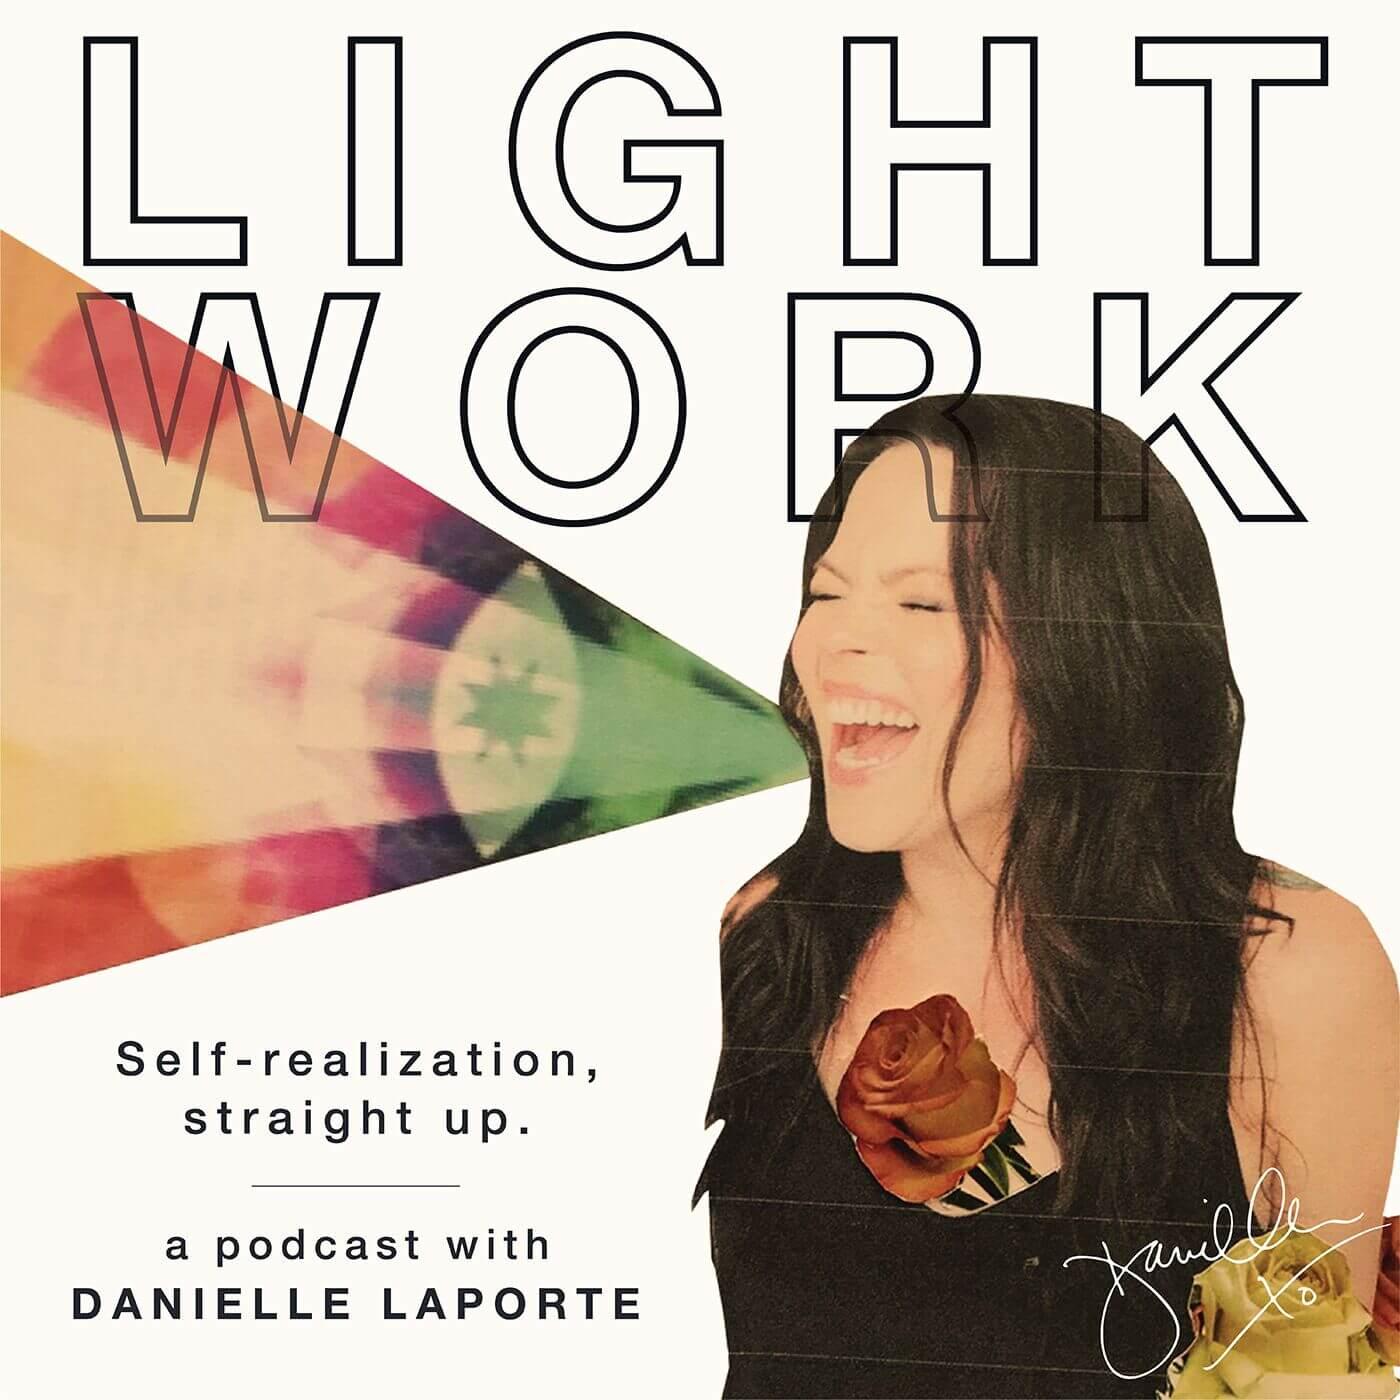 Danielle-LaPorte-Light-work-Podcast.jpg